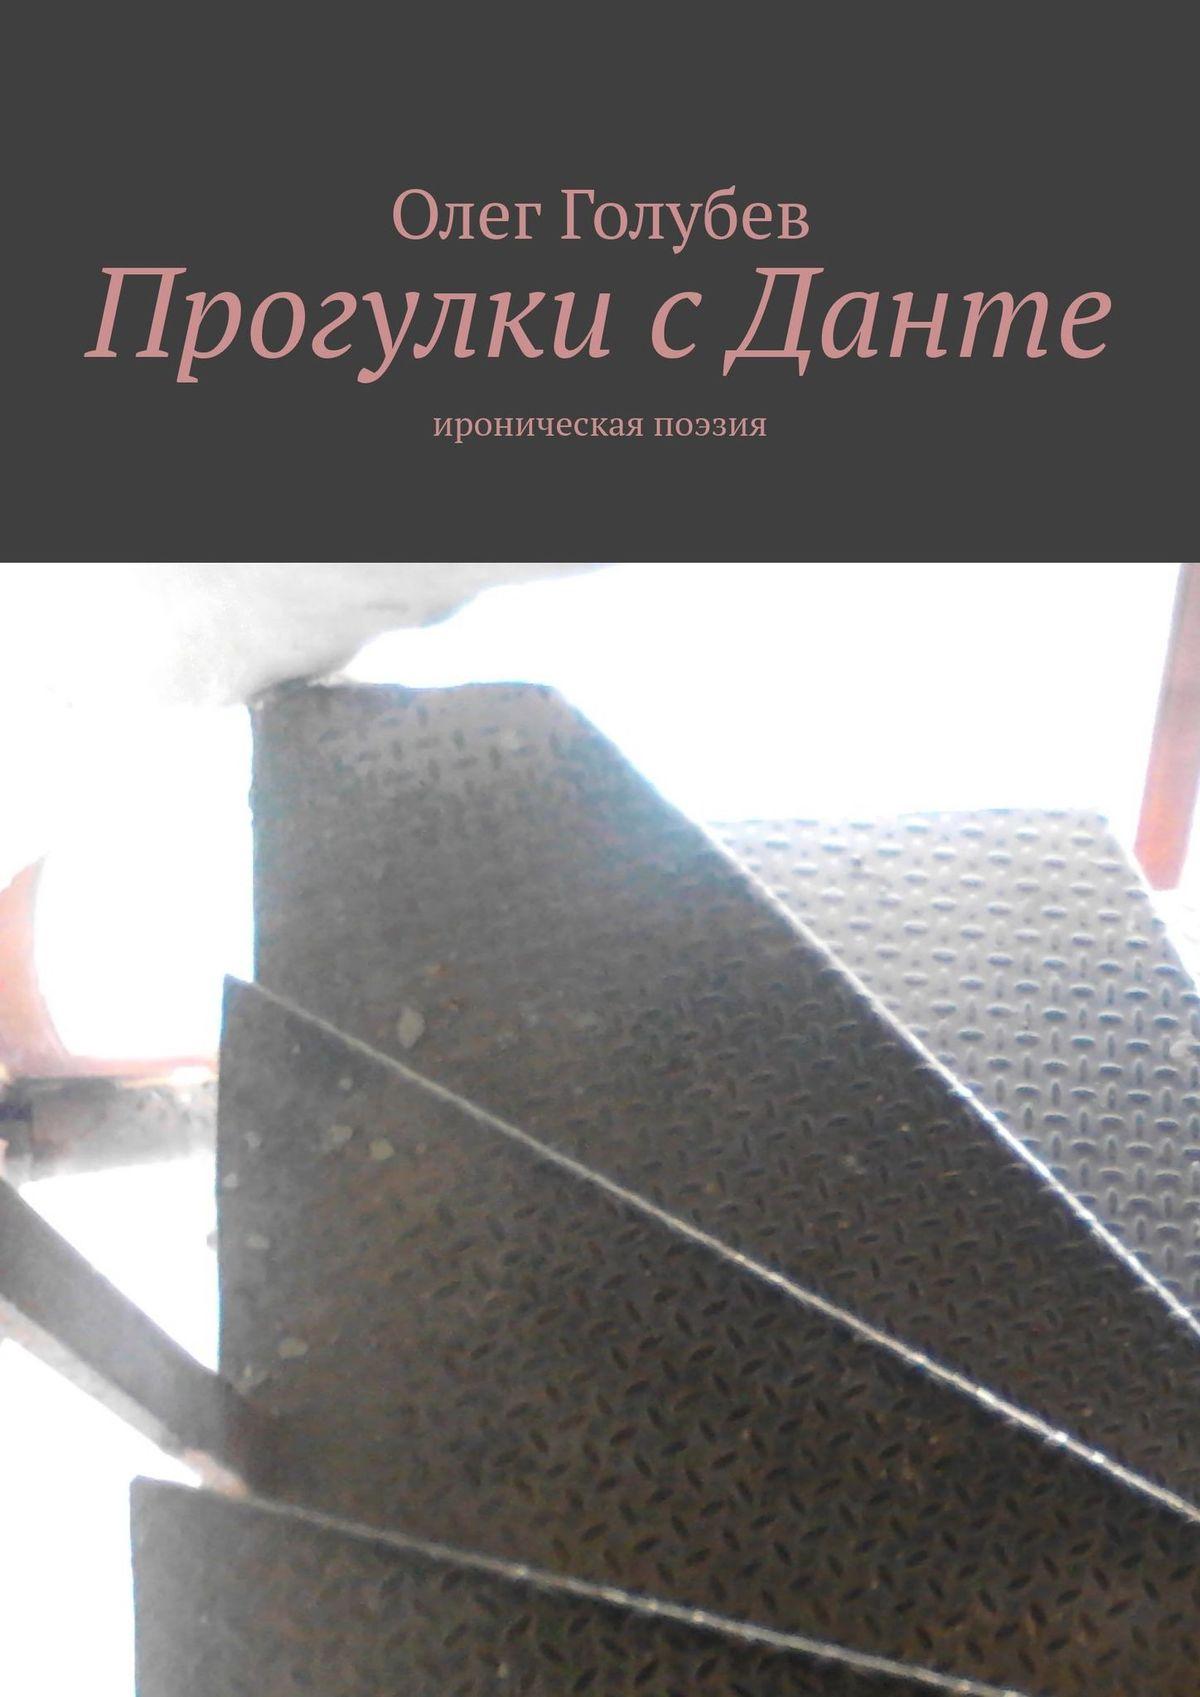 Купить книгу Прогулки сДанте, автора Олега Голубева